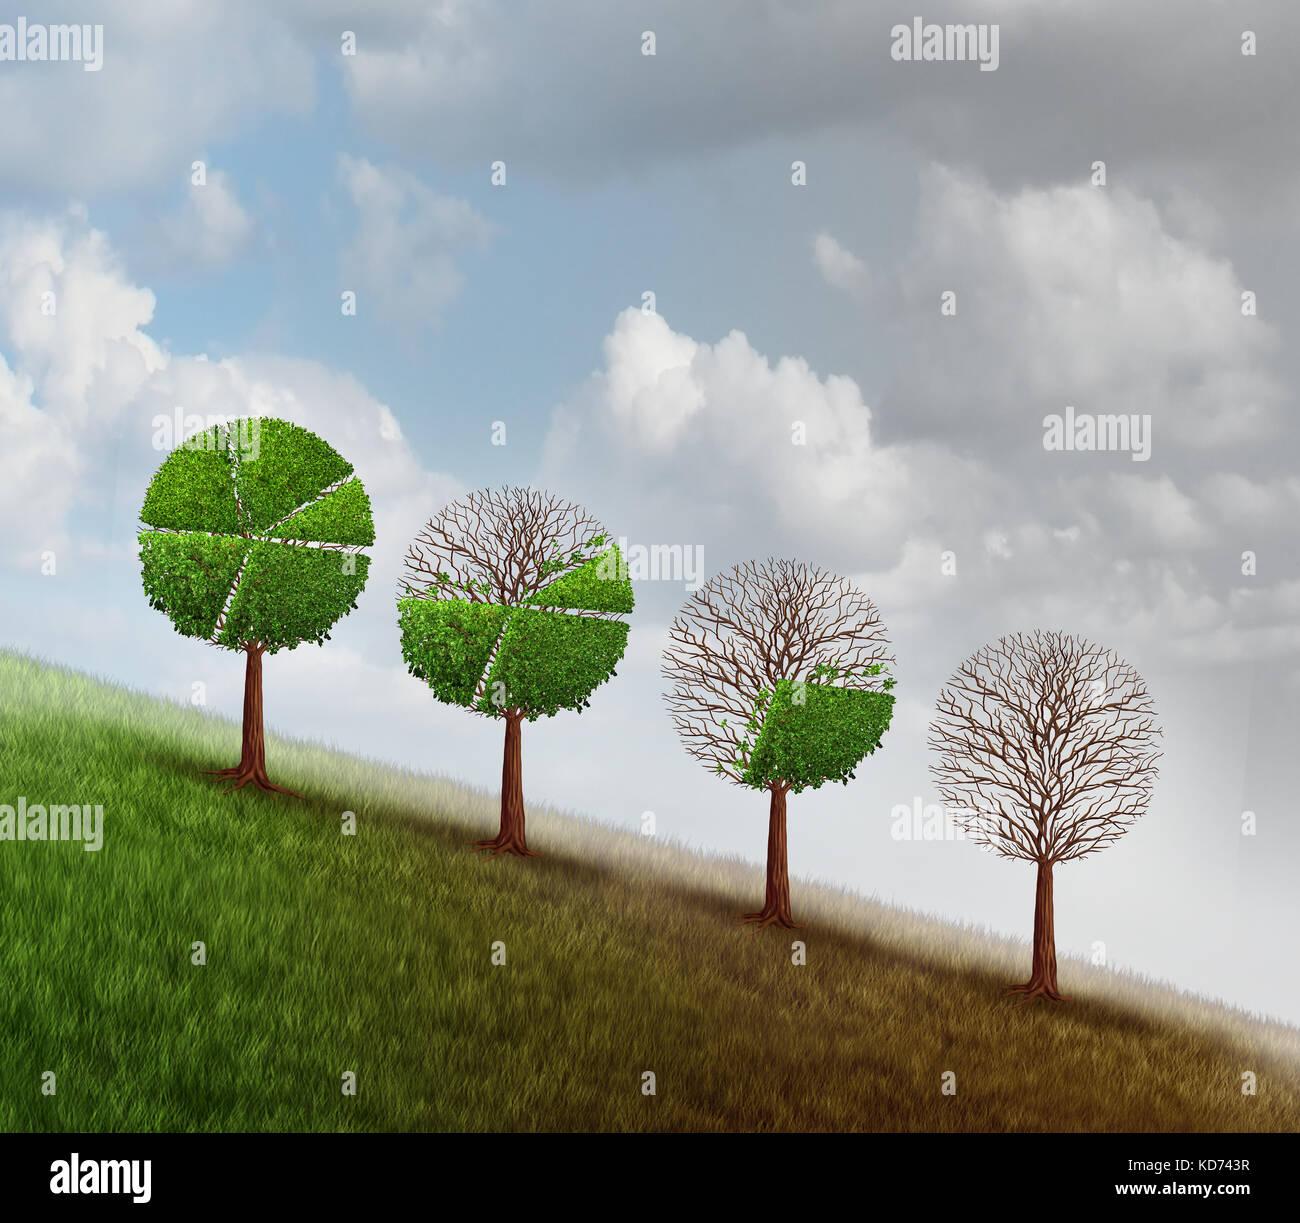 Il declino economico e una fase di recessione economica il cambiamento come un gruppo di alberi a forma di una schema Immagini Stock